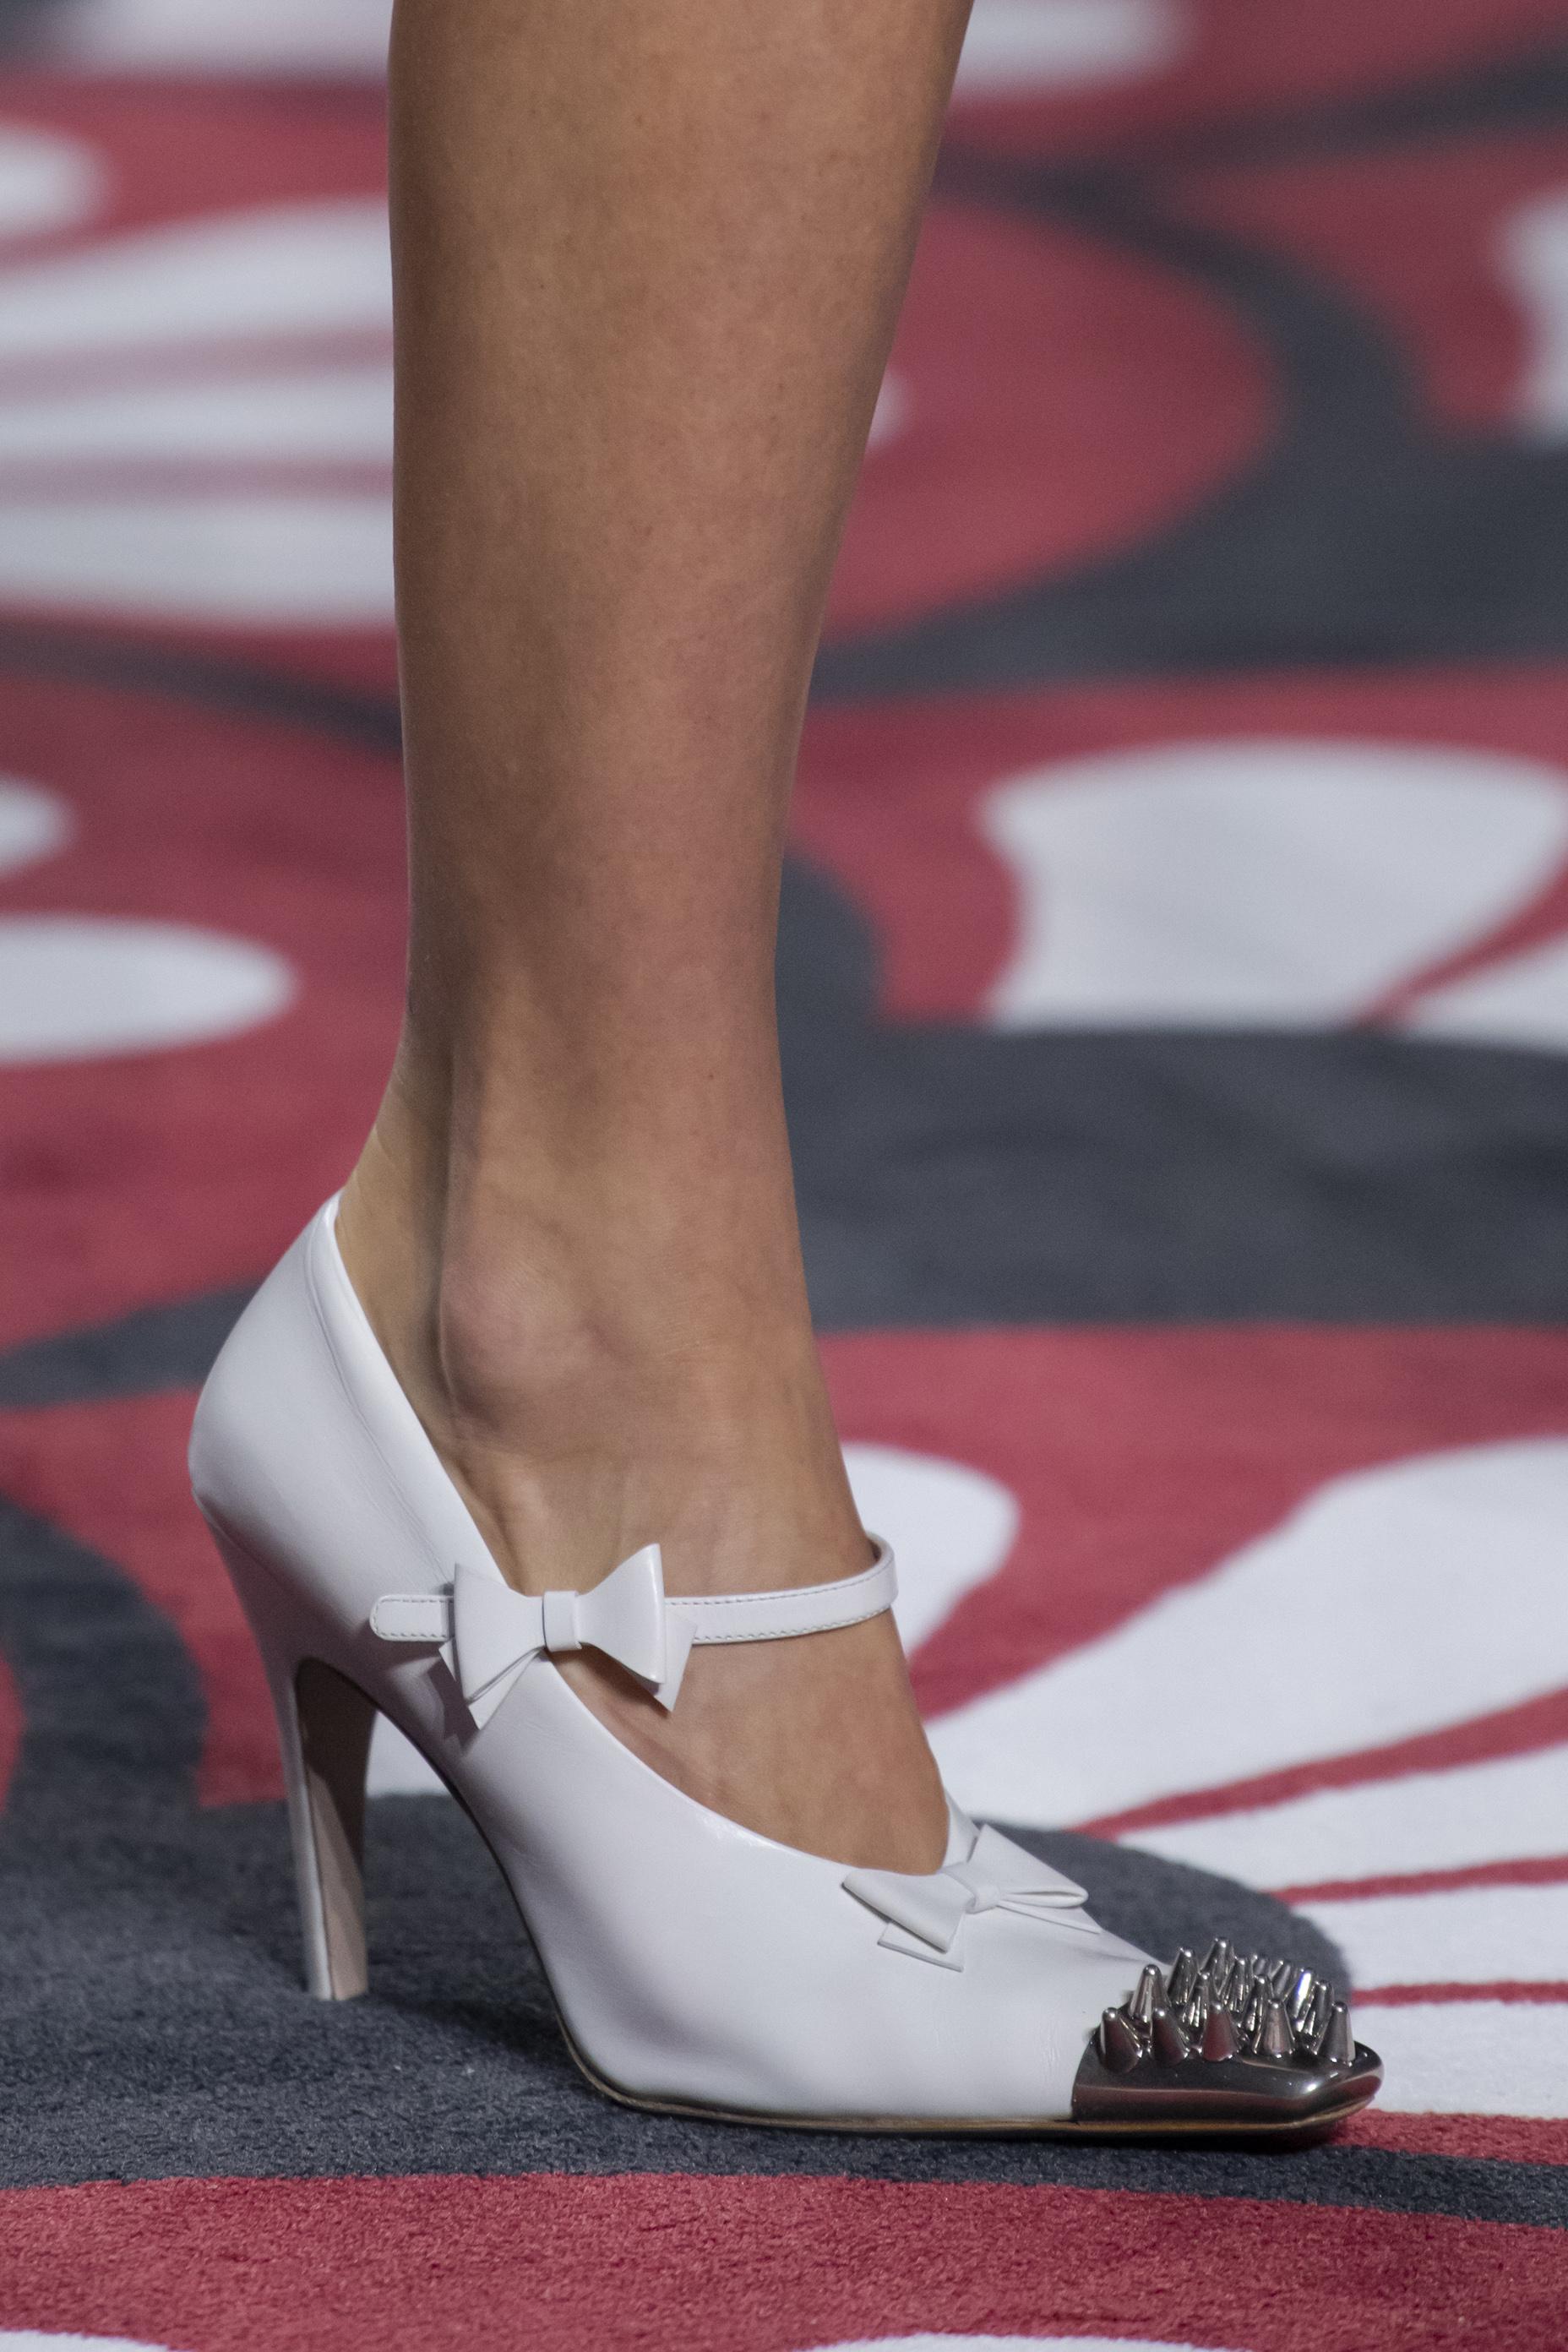 """Los zapatos blancos se quedan como tendencia para este otoño. Si quieres darle un giro ultramoderno, opta por este estilo Mary Jane con puntera en metálico con puyas de Miu Miu, que te dará un aire """"punk-chic"""". (WGSN)"""